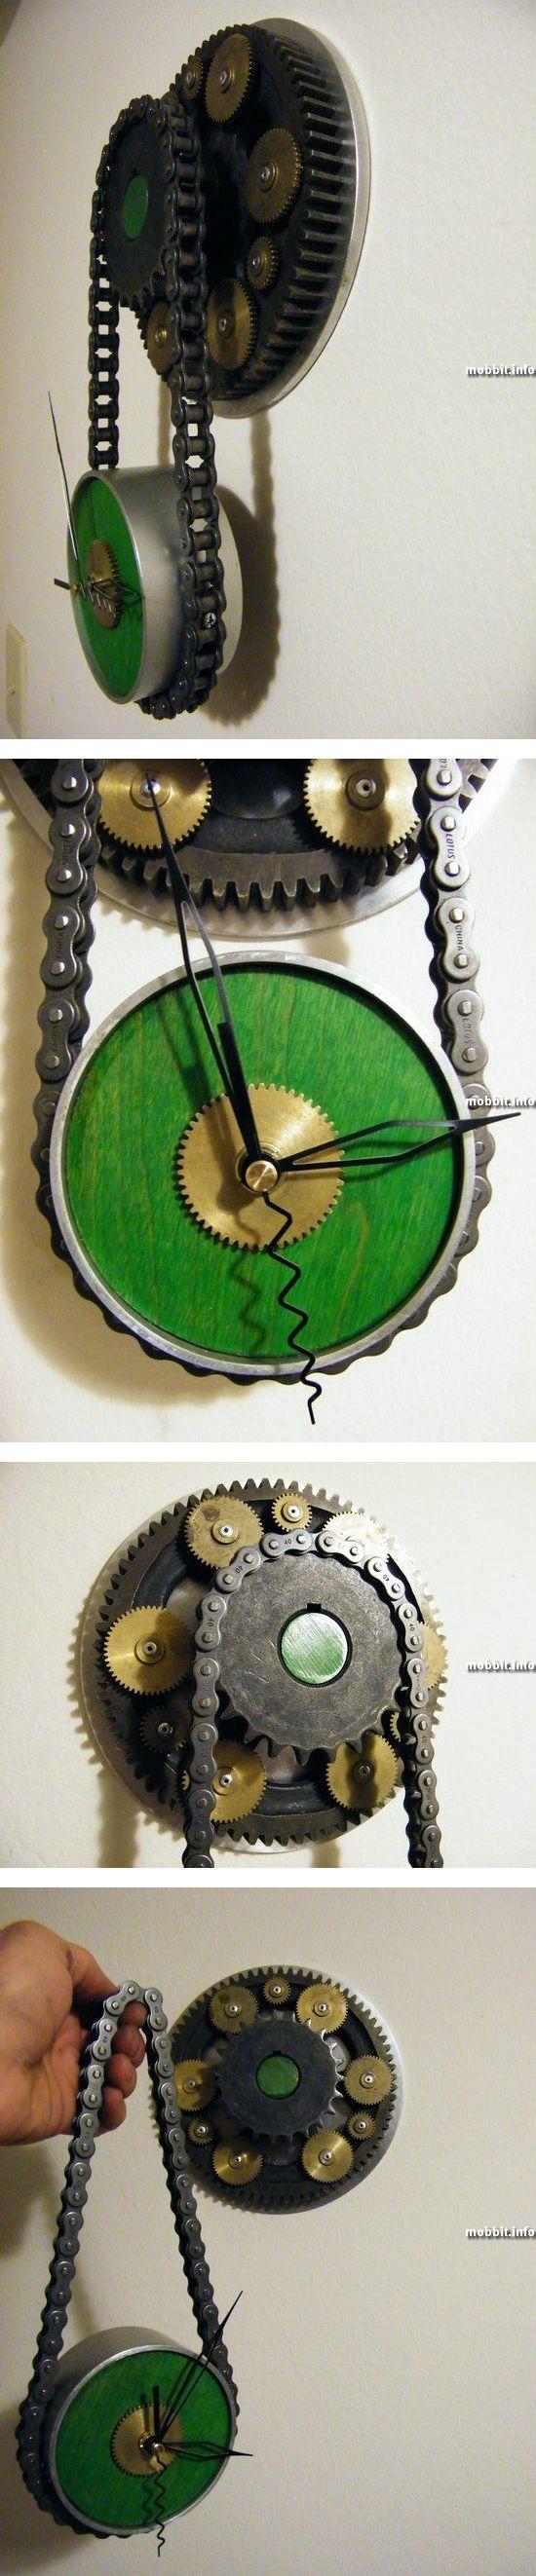 Стимпанковские часы из ненужных запчастей